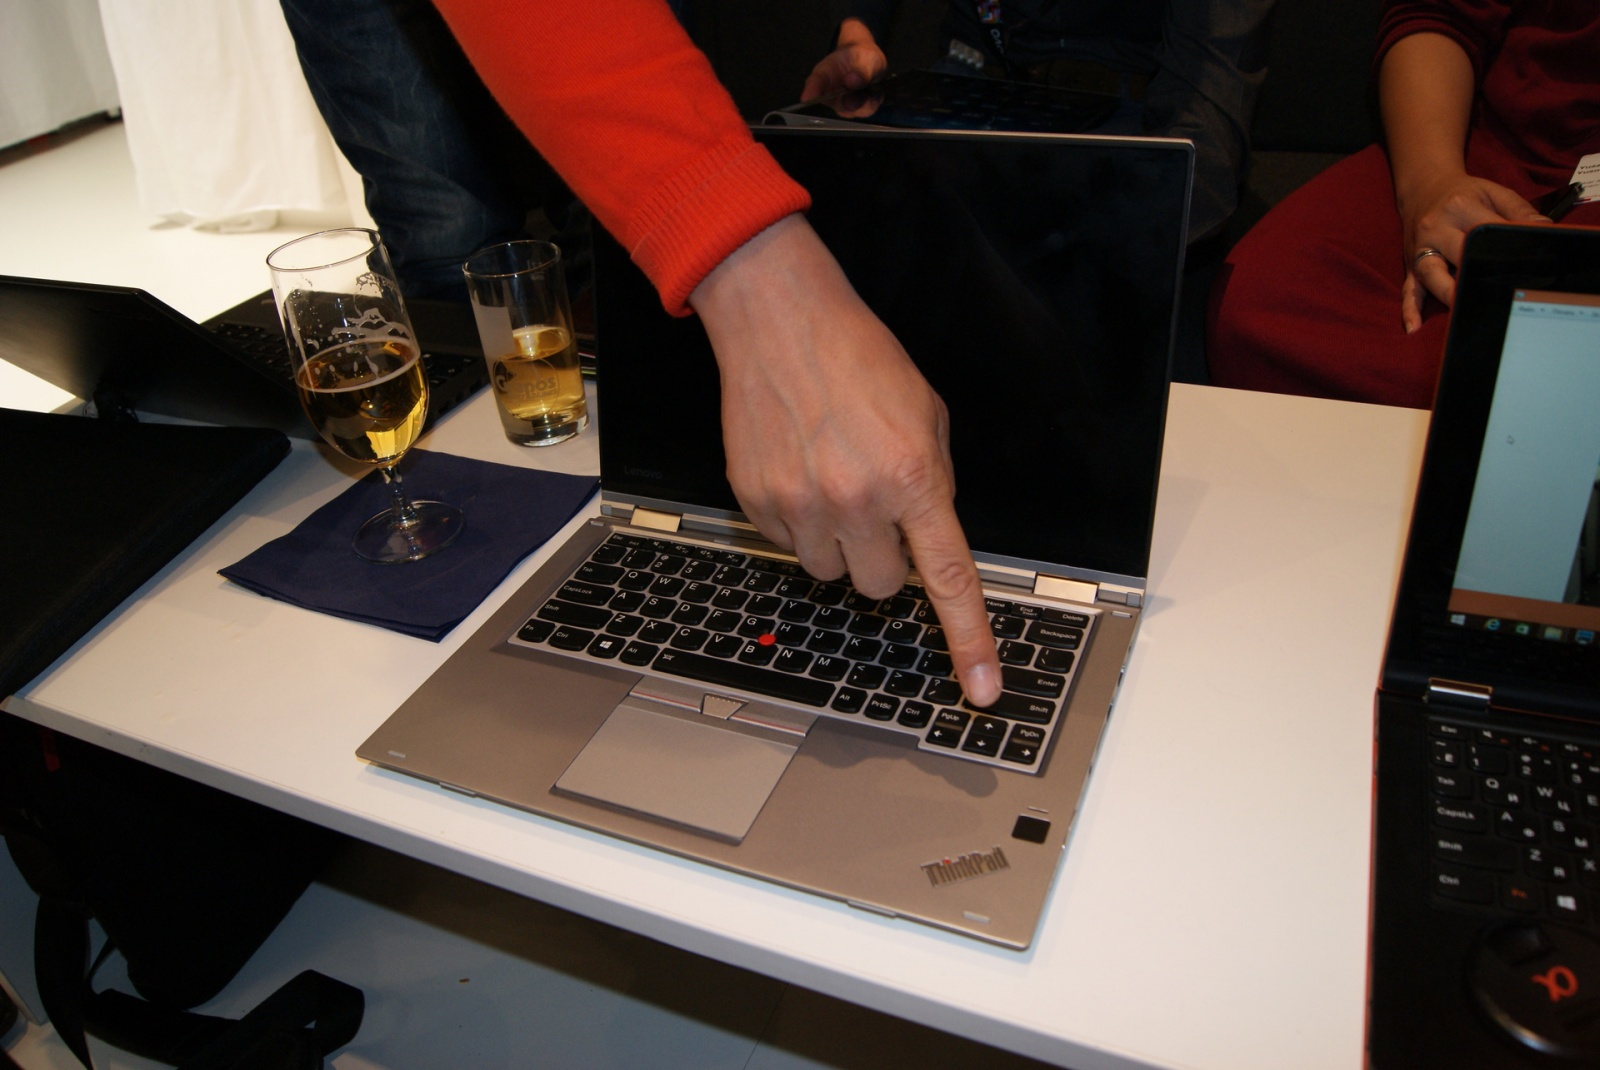 Эксклюзивные фотографии серебристого ThinkPad Yoga 260 - 10